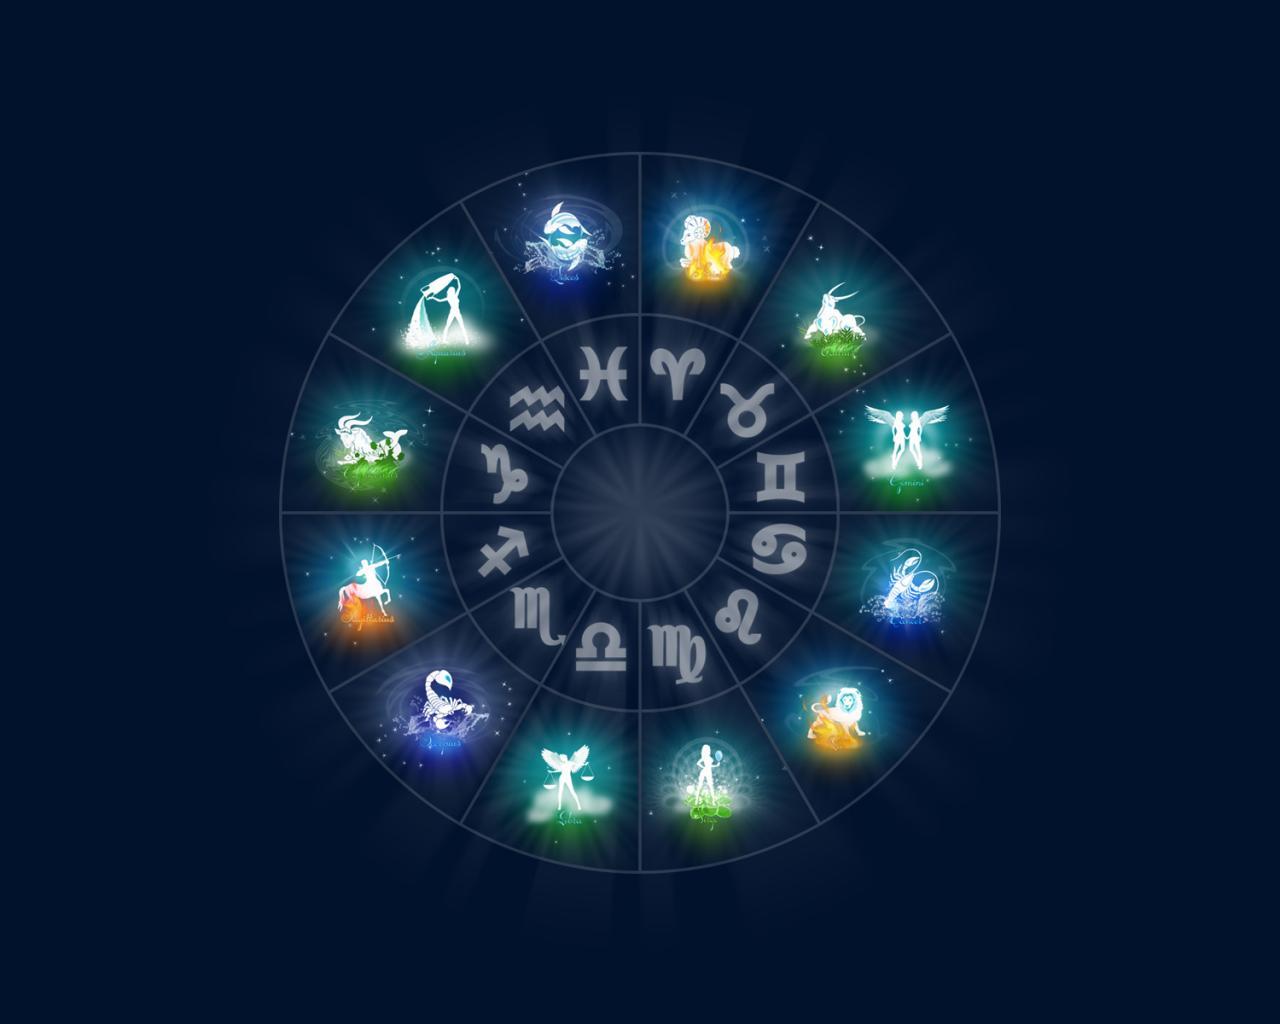 Nëse keni këtë shenjë të Horoskopit, jeni të veçantë